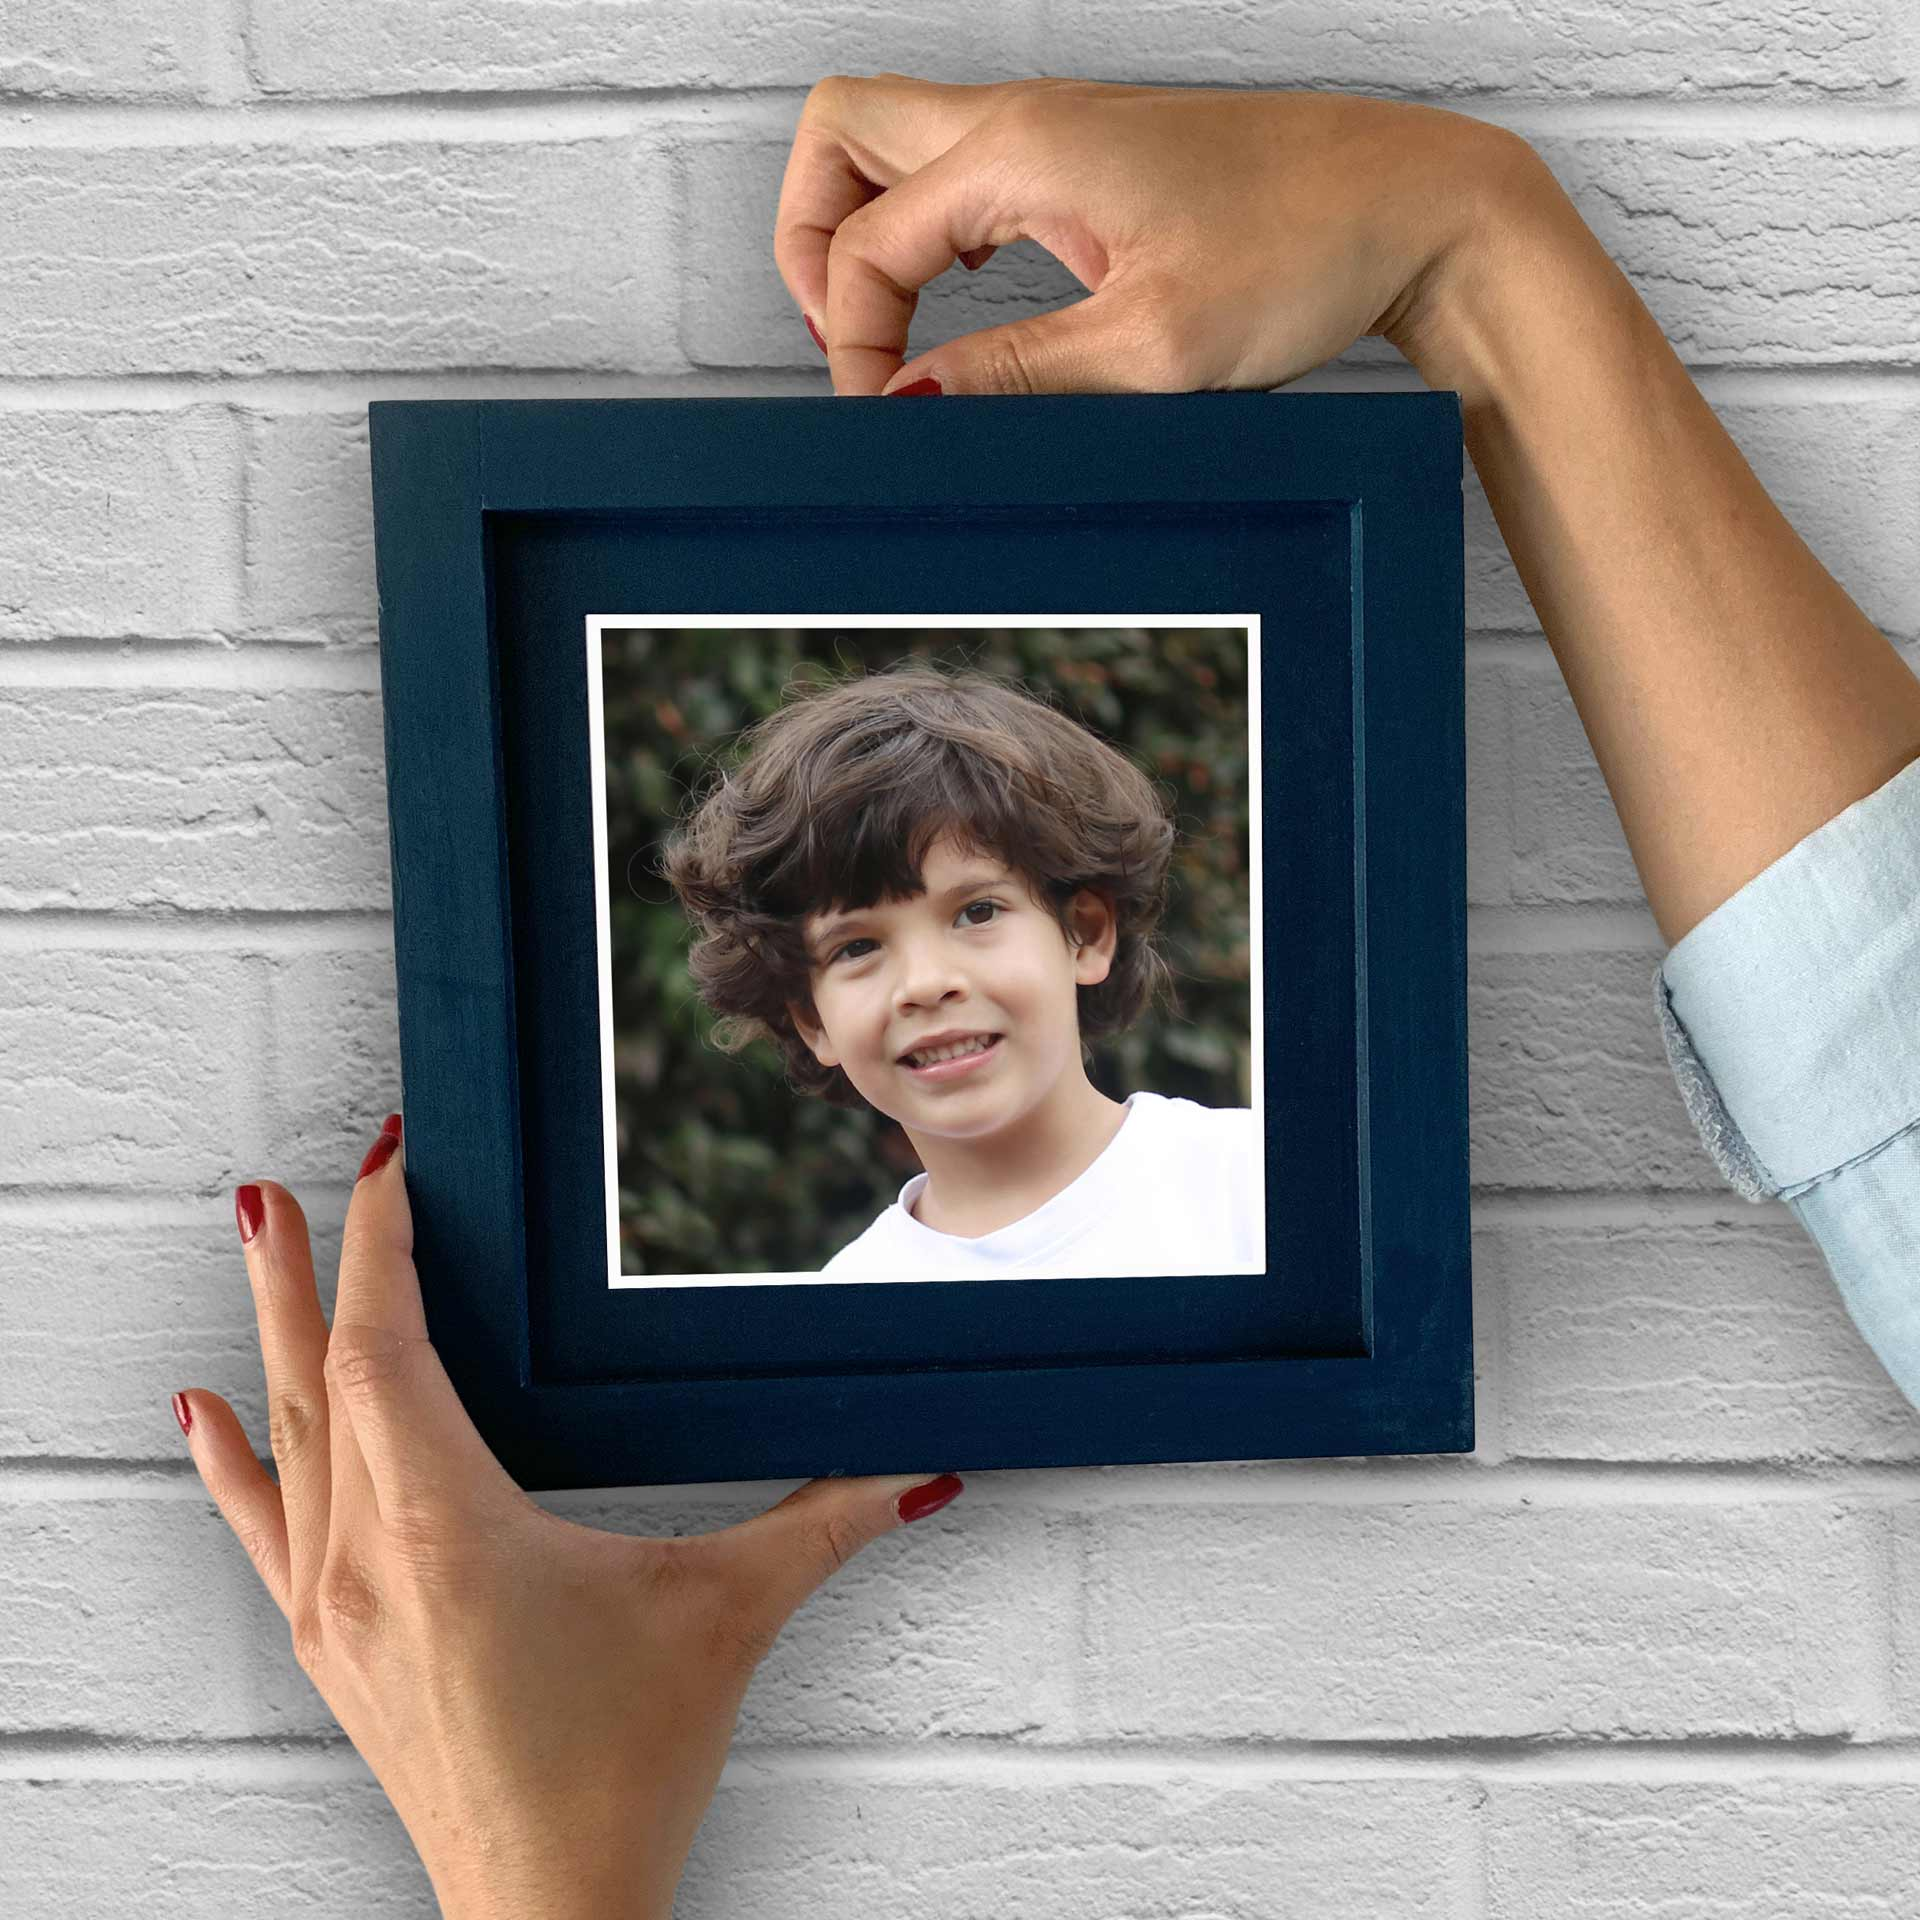 cuadro de madera de color cafe que posee la foto de un niño ligeramente volteada, este cuadro se apoya sobre una pared de ladrillo de color blanco.